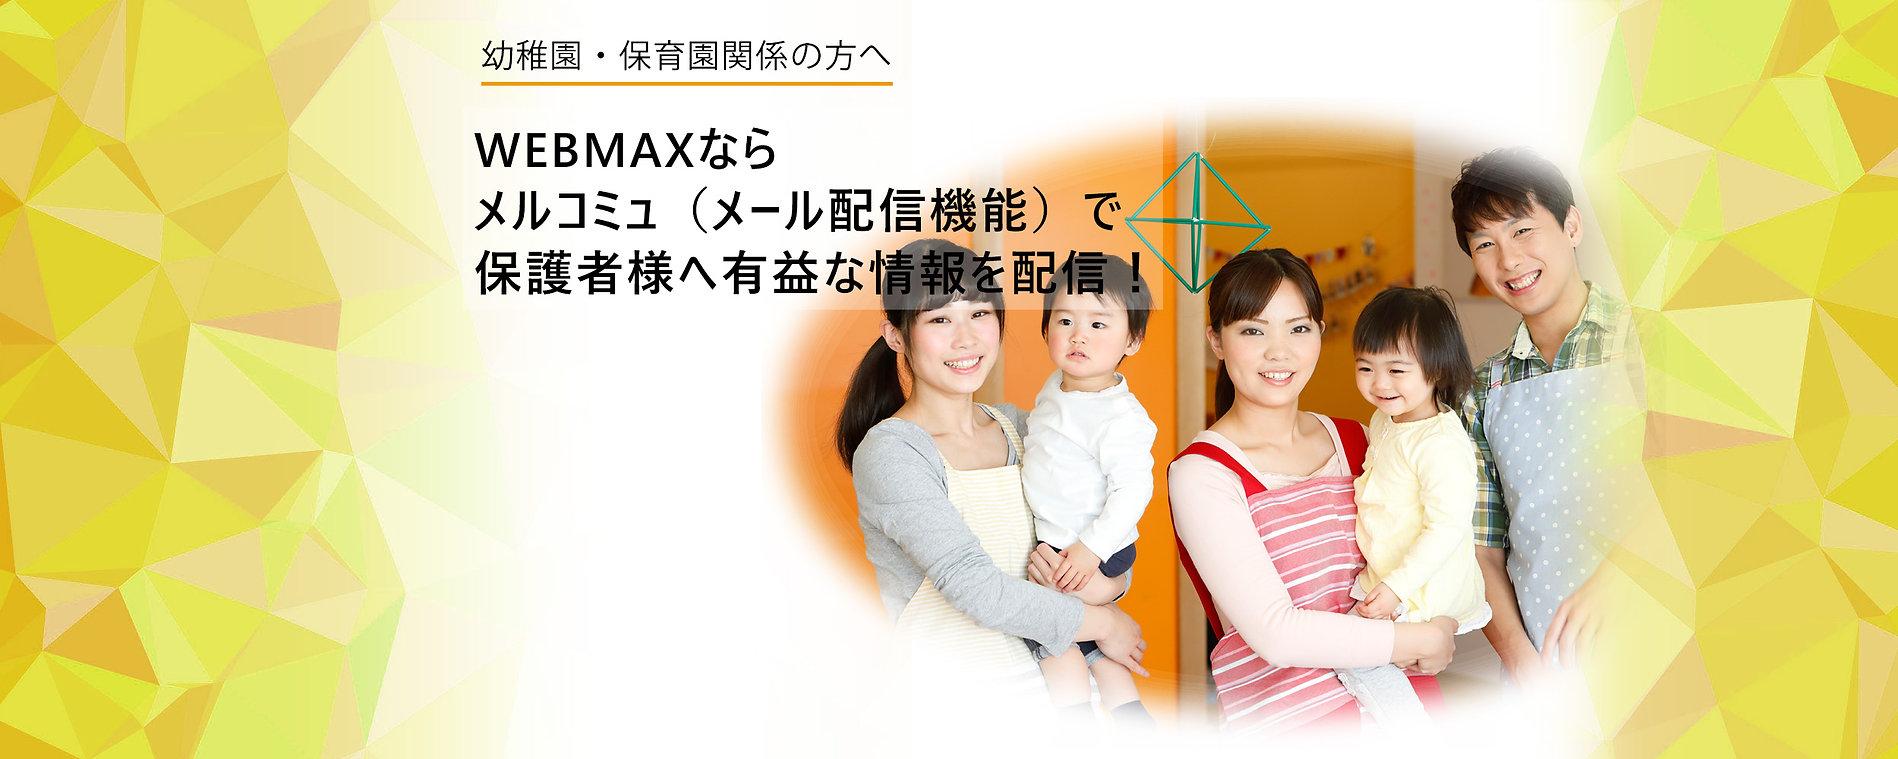 医療ウェブマックスMV.jpg